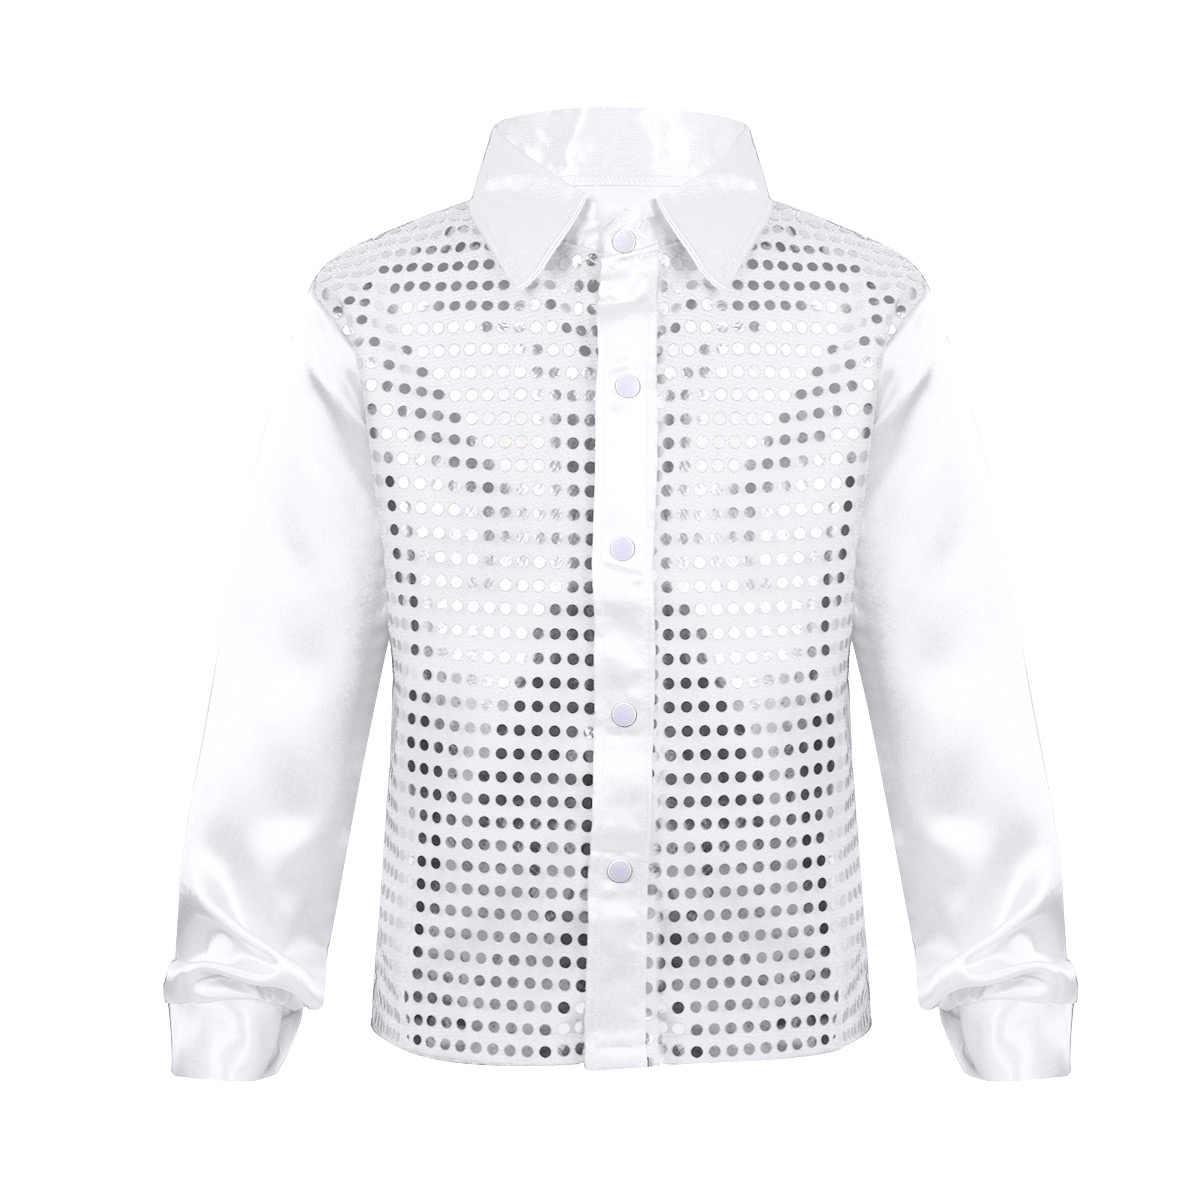 Boy Shirts for Children Boys Glittery Long Sleeve Shirt Kids Big Choir Jazz  Hip Hop Dance c1a404a73caf